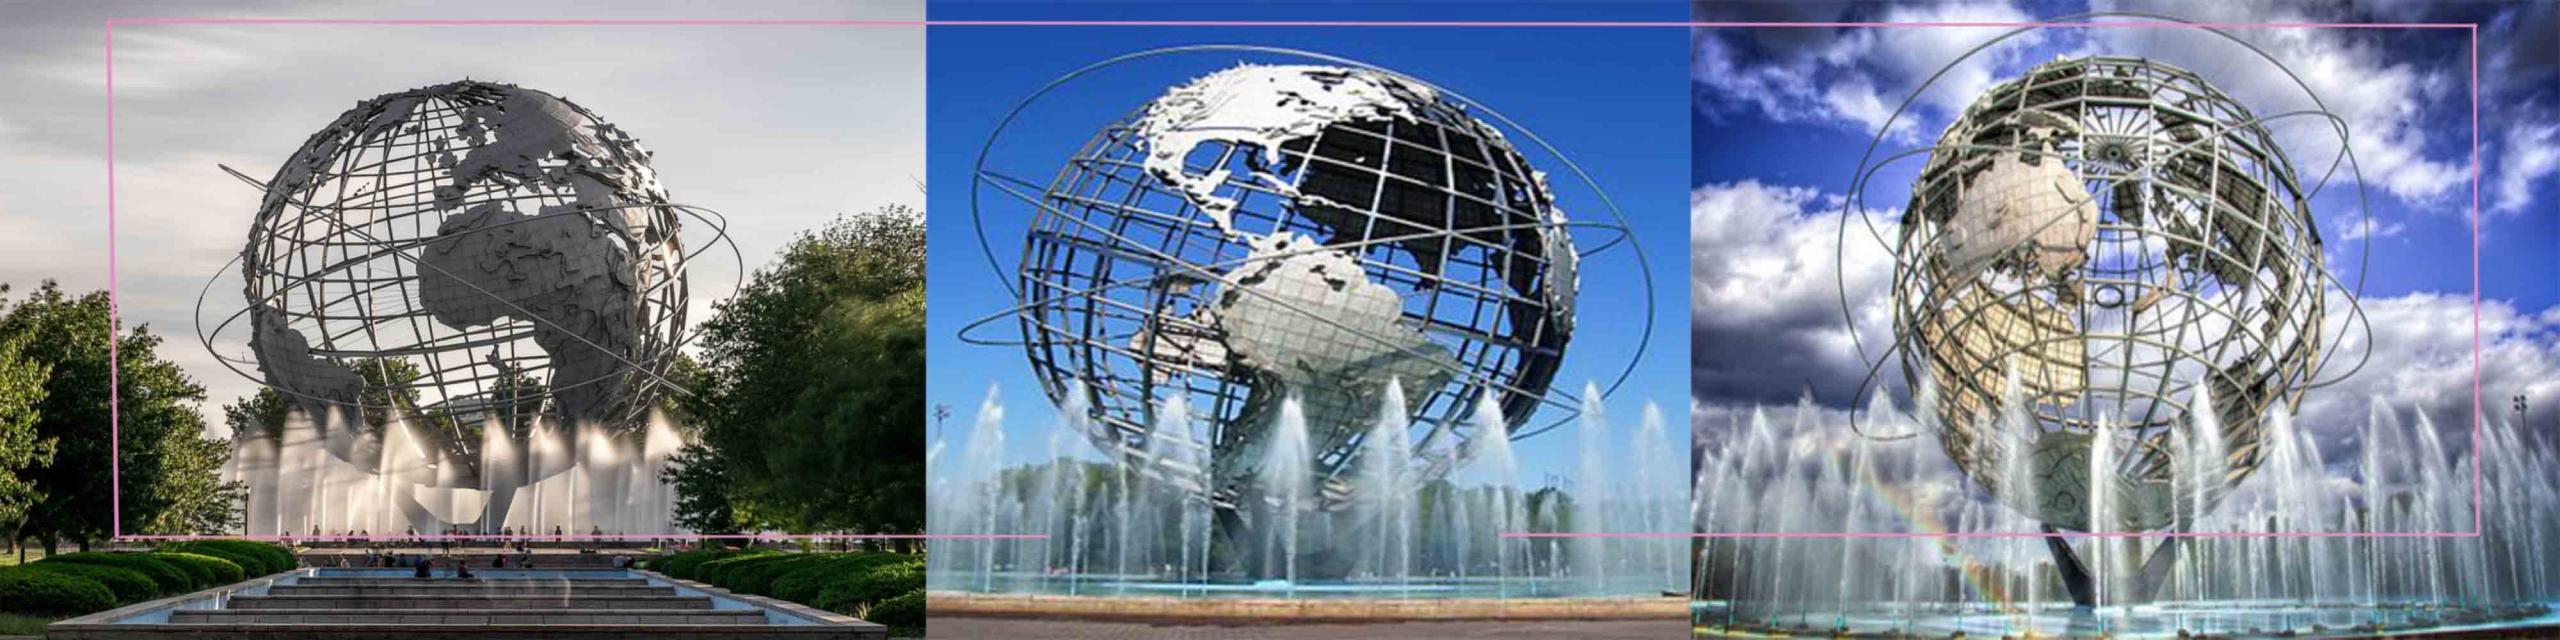 مجسمه کره جهان نما در نیویورک